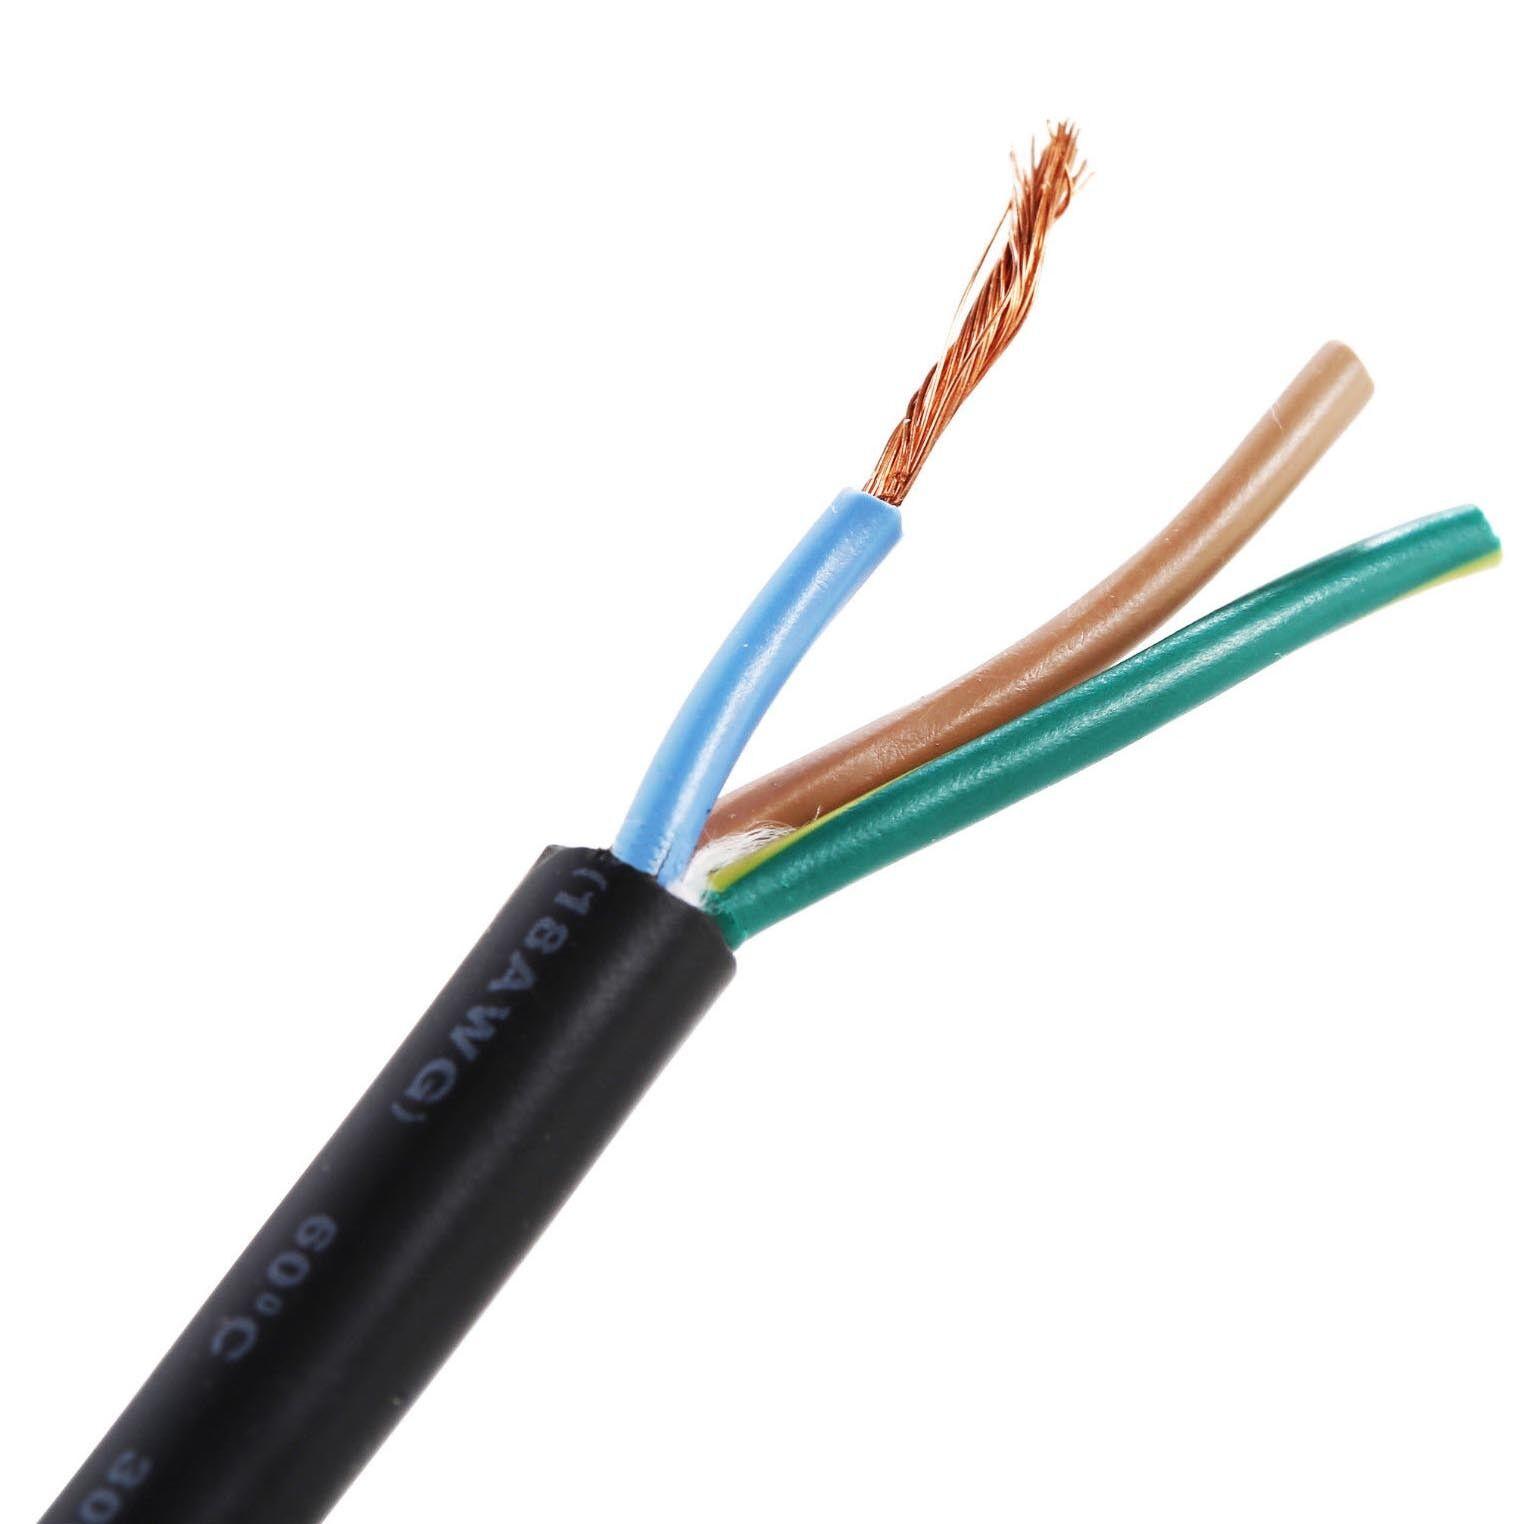 6FT US 3 Zinke Ersatz AC Leistung Mauer Kabel Stecker Für Laptop ...